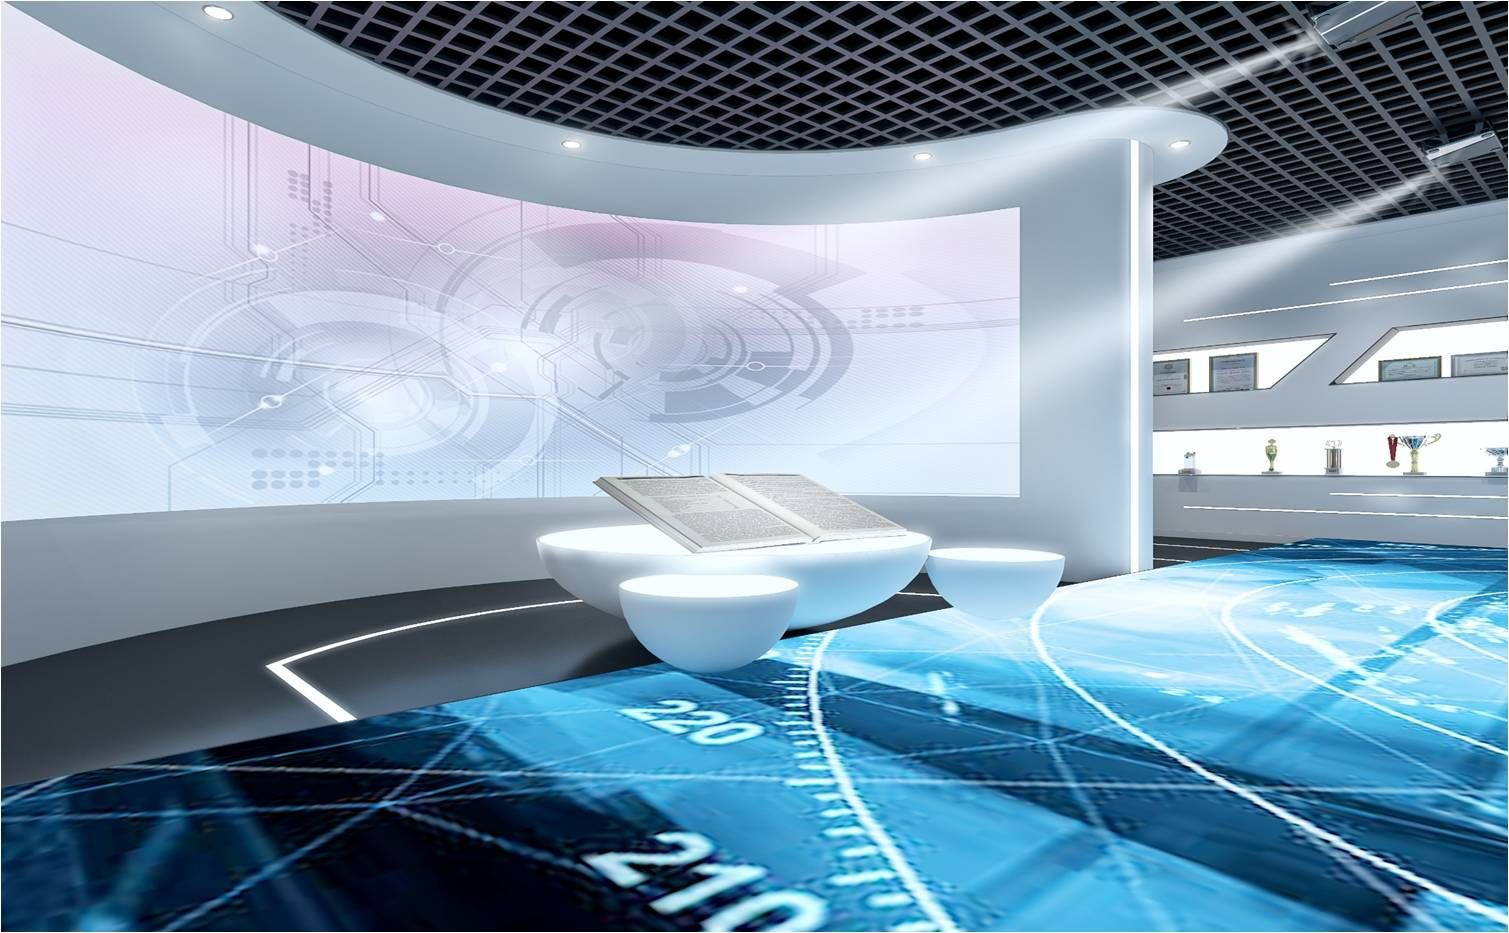 企业文化地面互动走廊与弧形幕布效果图